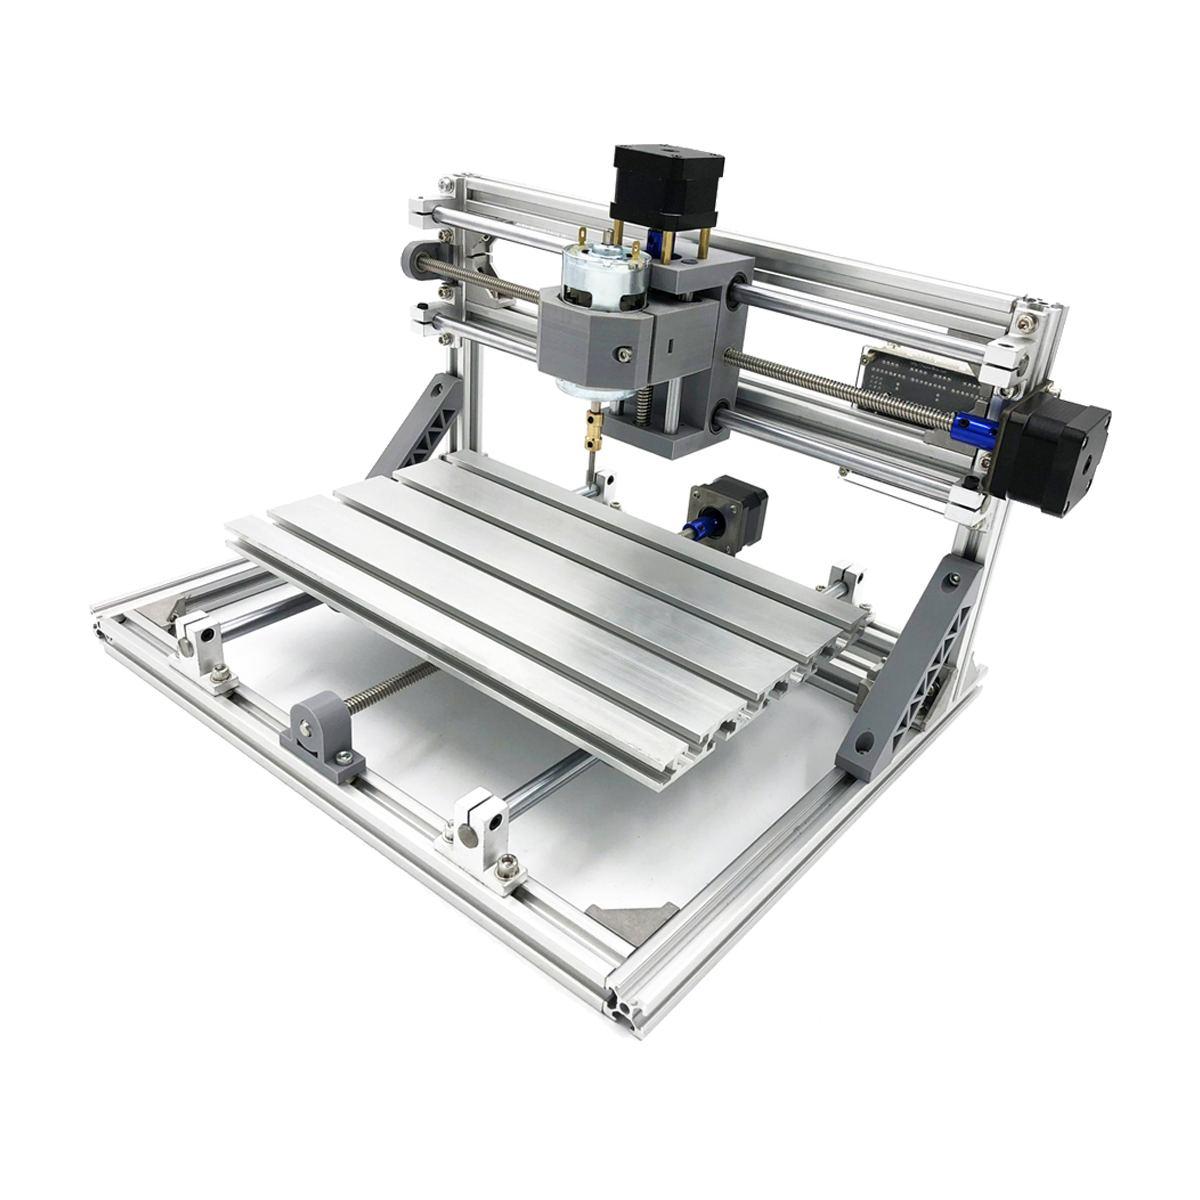 Mini 3 Laser gravure graveur Machine DC 12V bricolage bureau bois Cutter/imprimante/puissance réglable avec 500MW tête Laser - 5